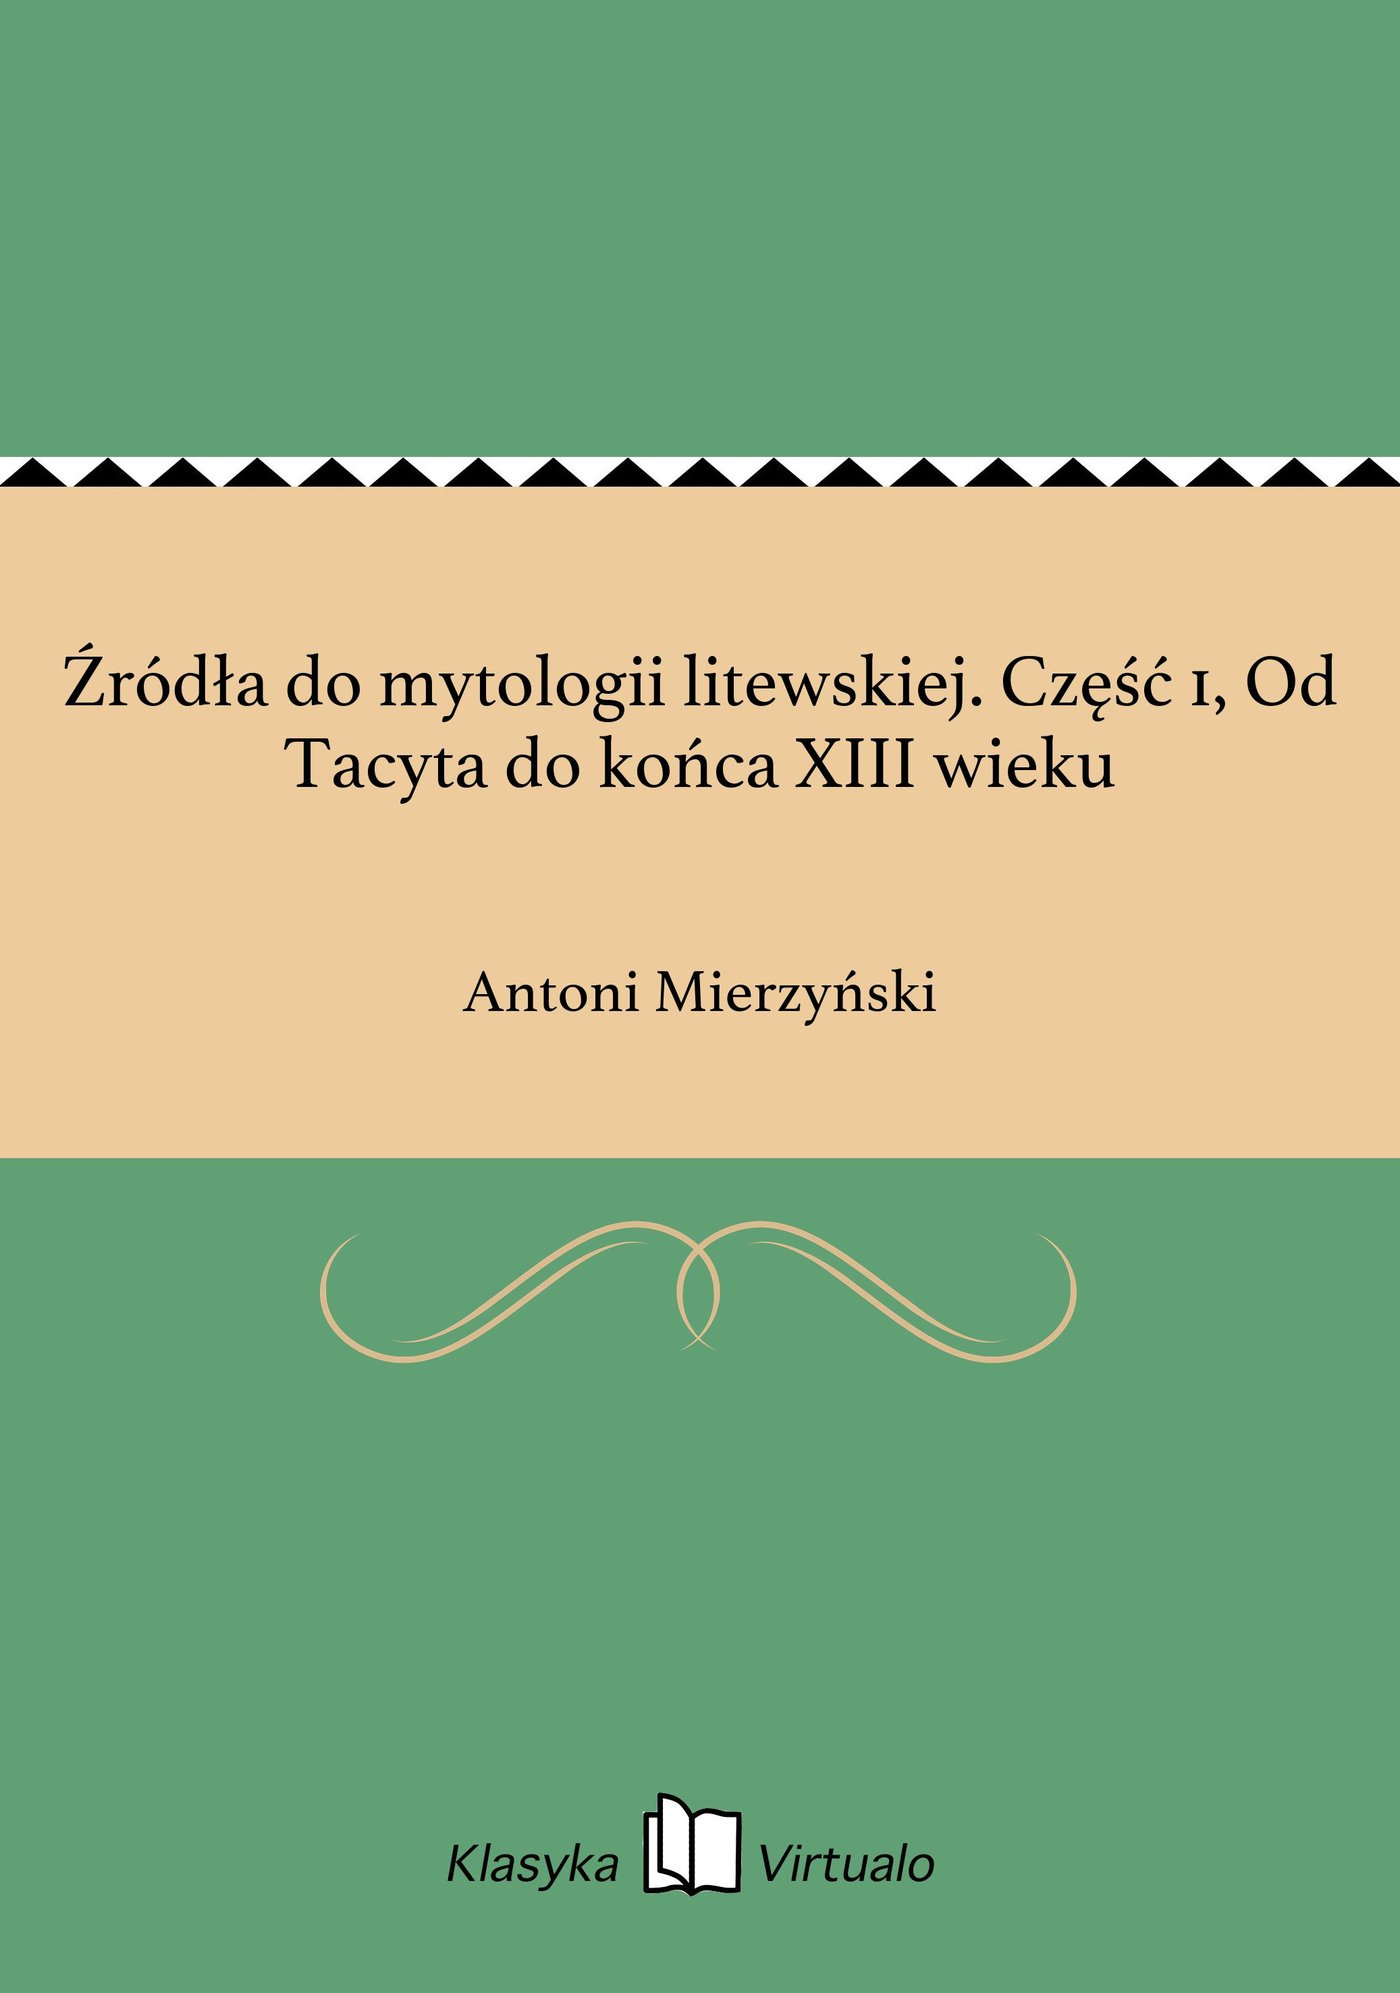 Źródła do mytologii litewskiej. Część 1, Od Tacyta do końca XIII wieku - Ebook (Książka EPUB) do pobrania w formacie EPUB